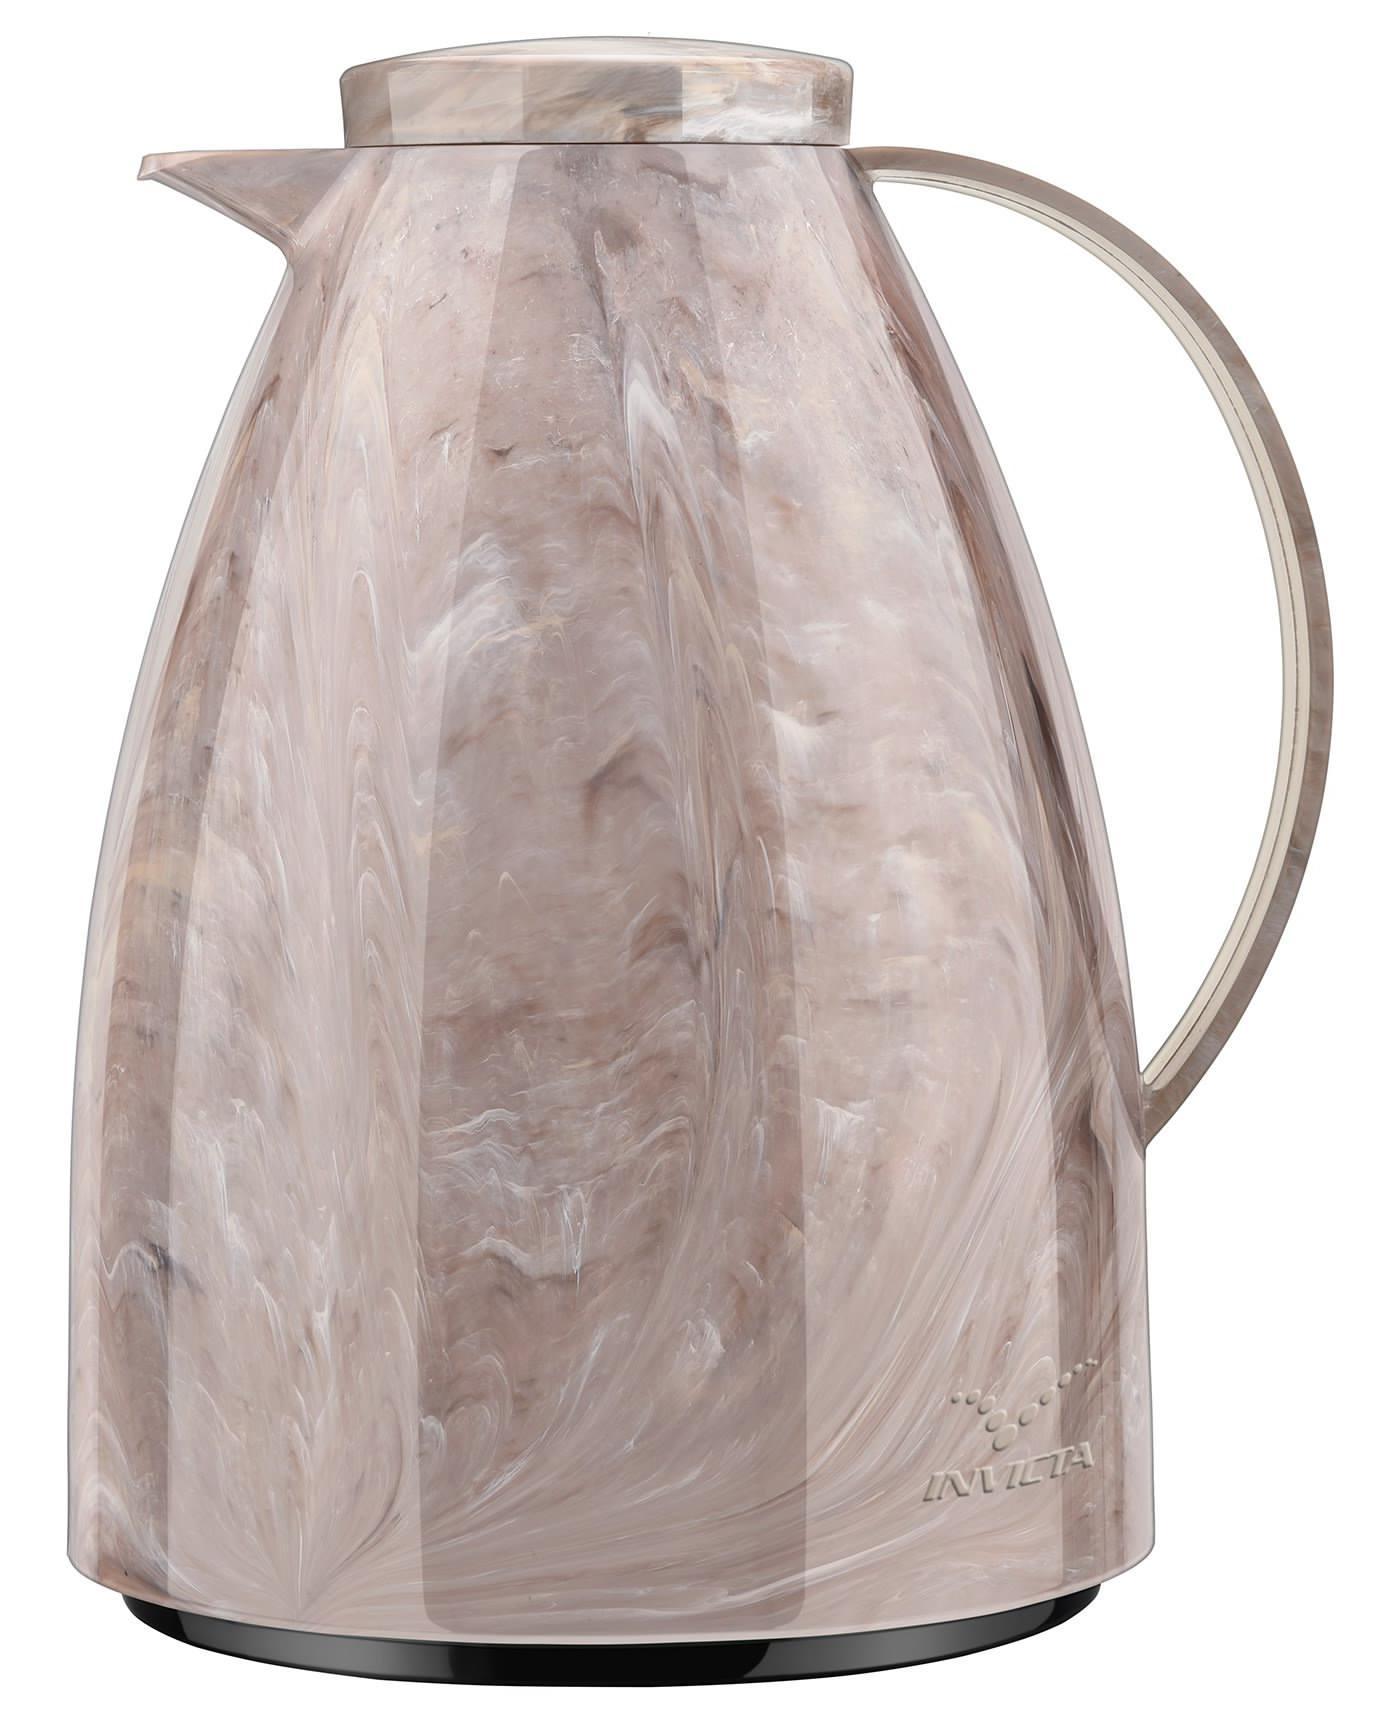 Bule Termico de Rolha 750ML Invicta Viena Marble Collection 100396511914 (marrom-jasper)